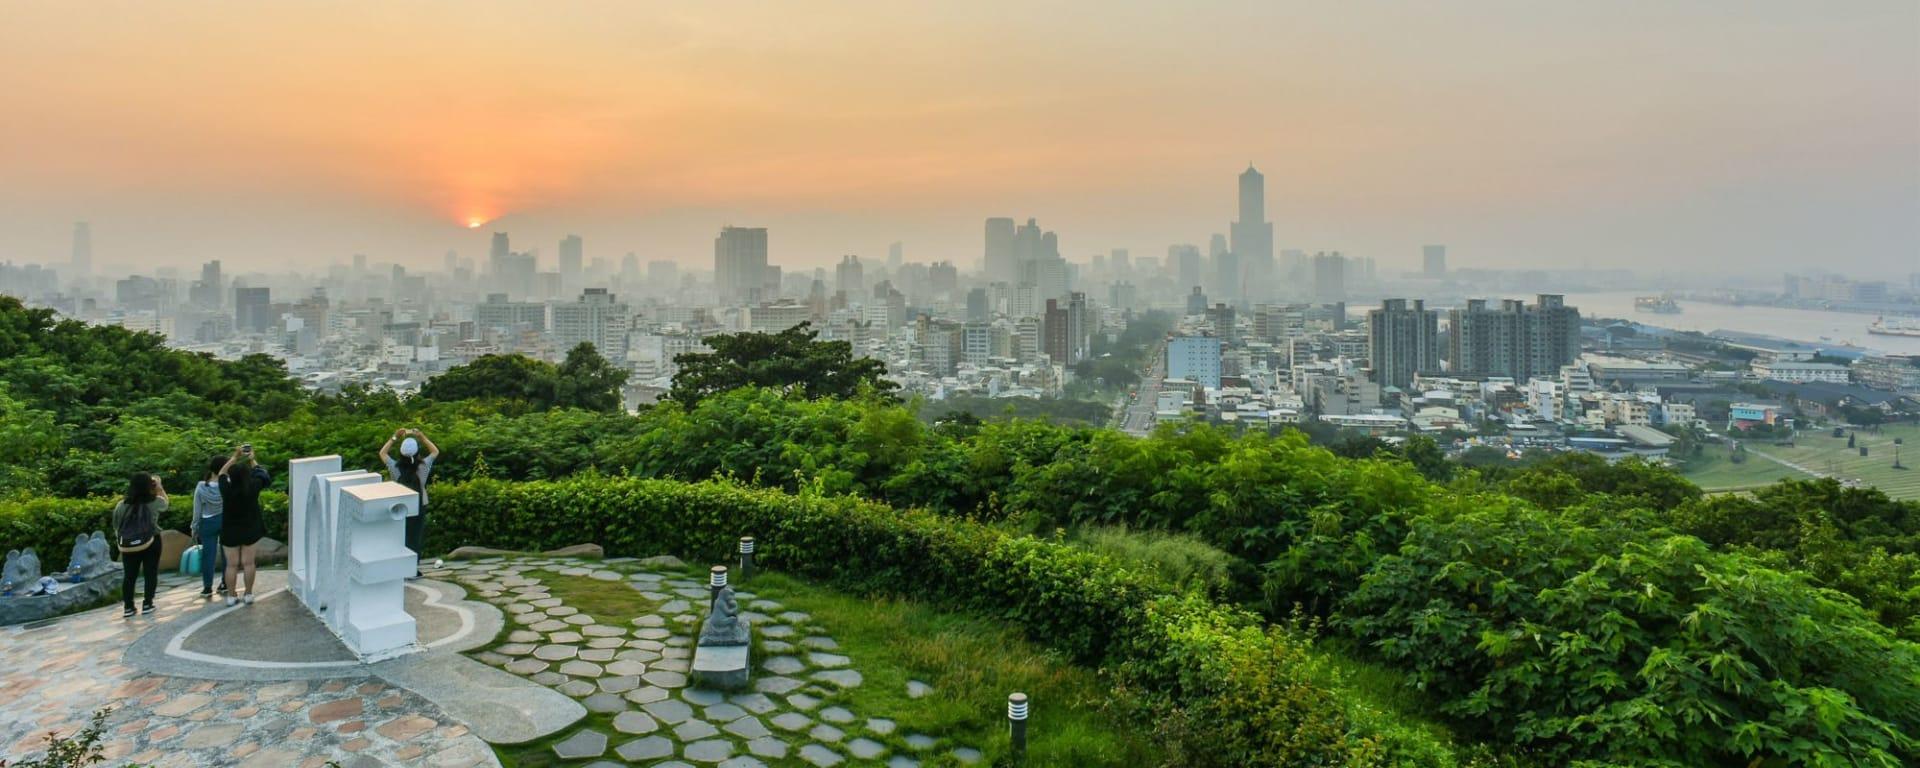 Les hauts lieux de Taïwan de Taipei: Landscape of Kaohsiung Harbor